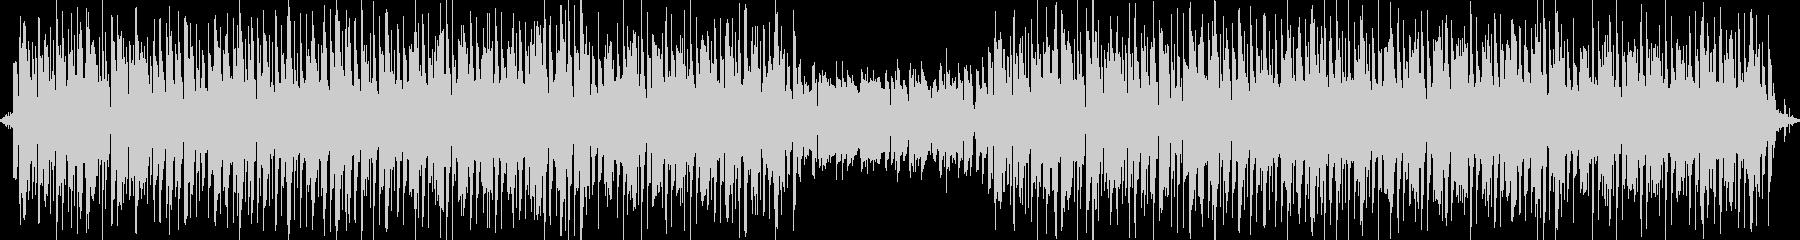 『アップルティー』暖かなピアノのLofiの未再生の波形